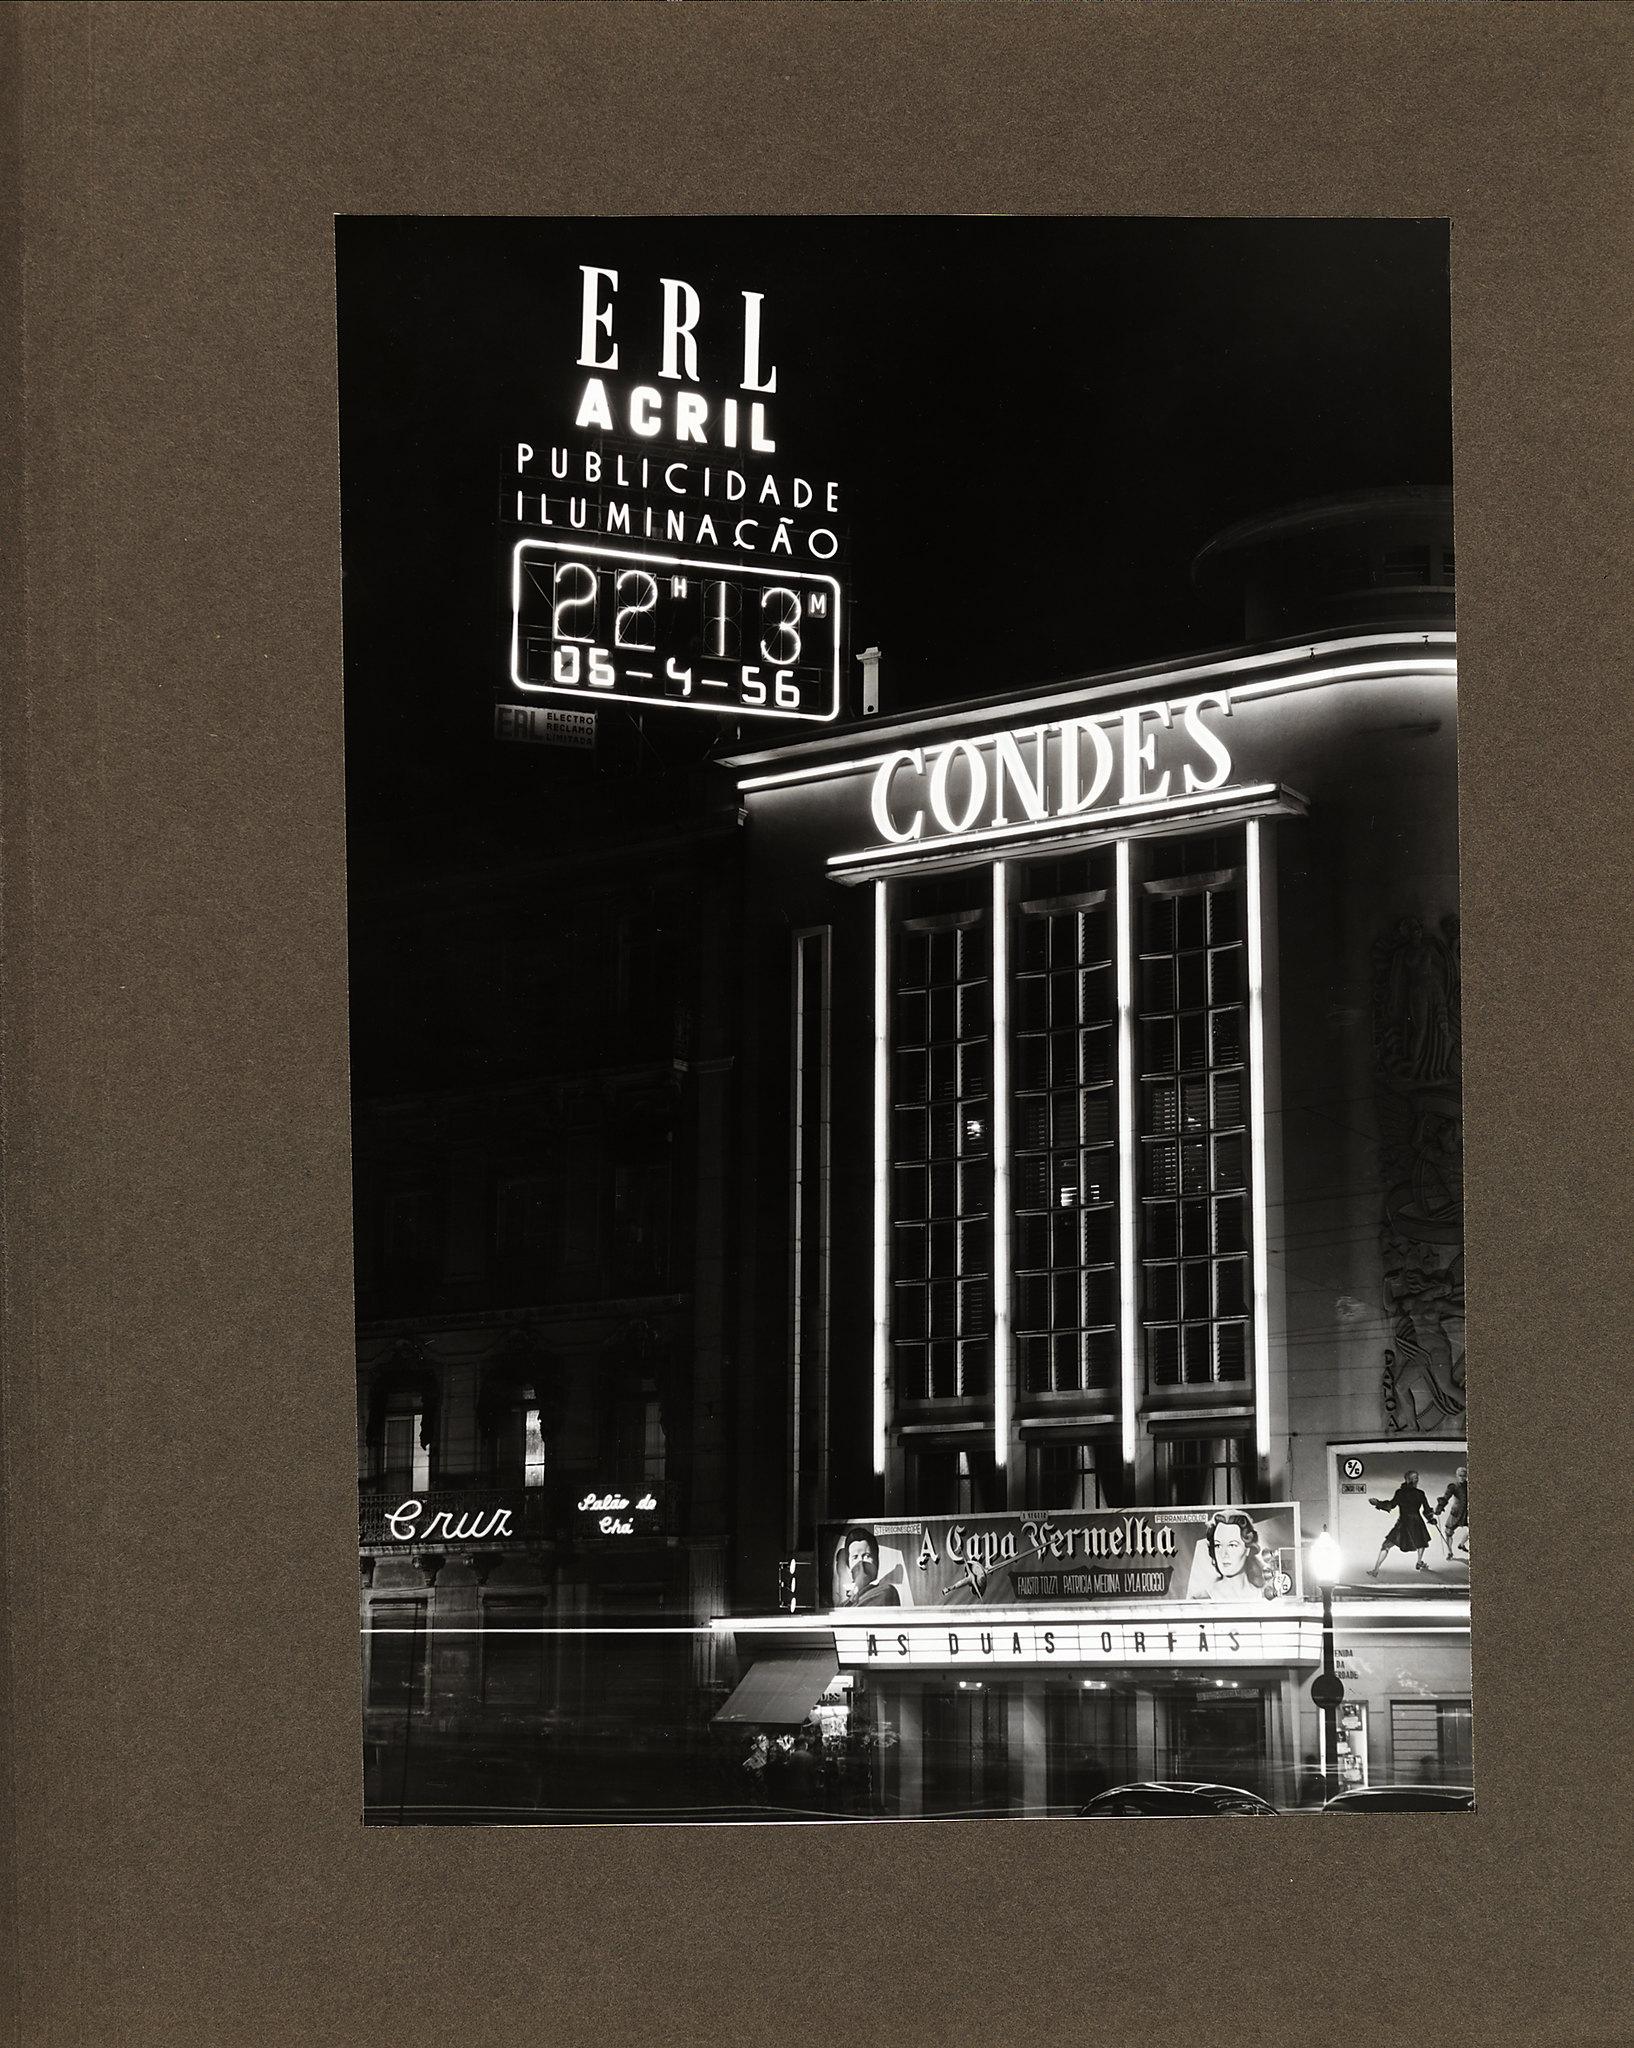 Electro Reclamo Limitada, Restauradores, 1956